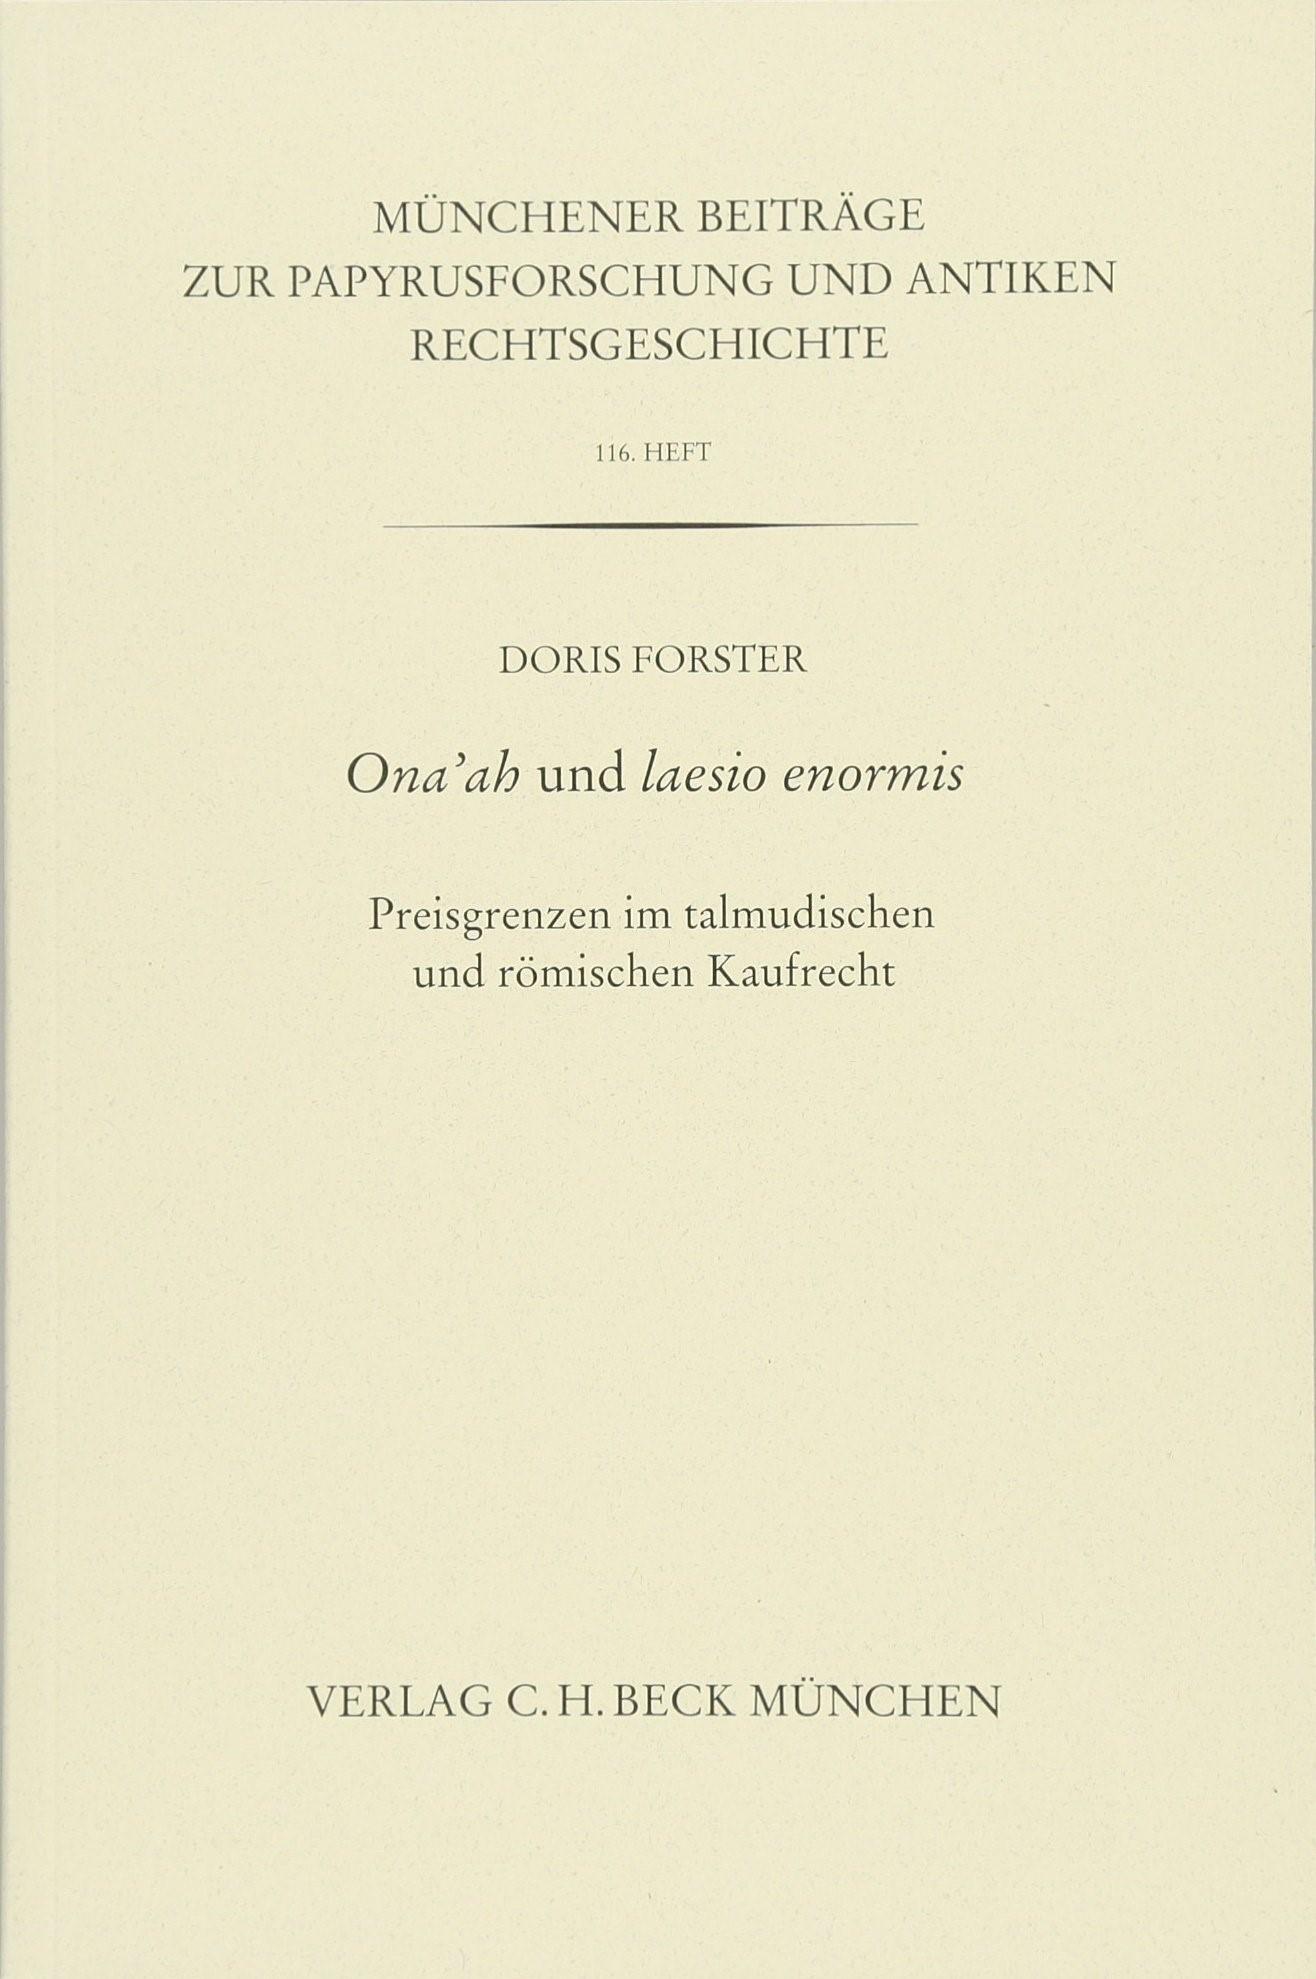 Münchener Beiträge zur Papyrusforschung Heft 116:  Ona'ah und laesio enormis | Forster, Doris, 2018 | Buch (Cover)